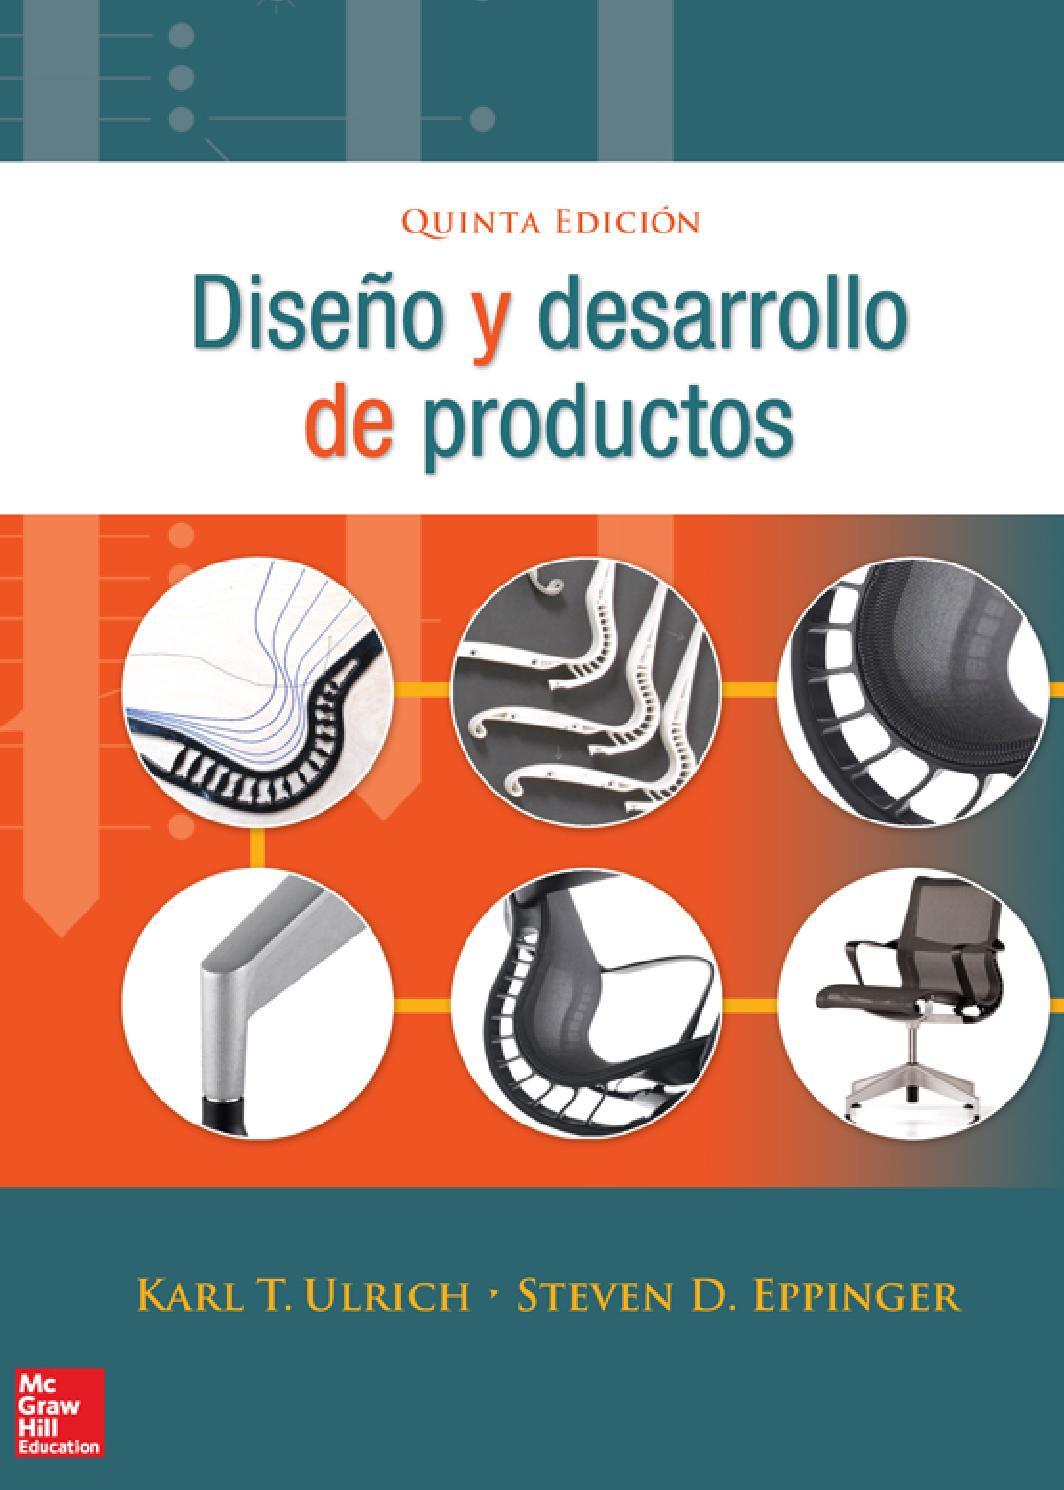 dise o y desarrollo de productos 5ed karl t ulrich by